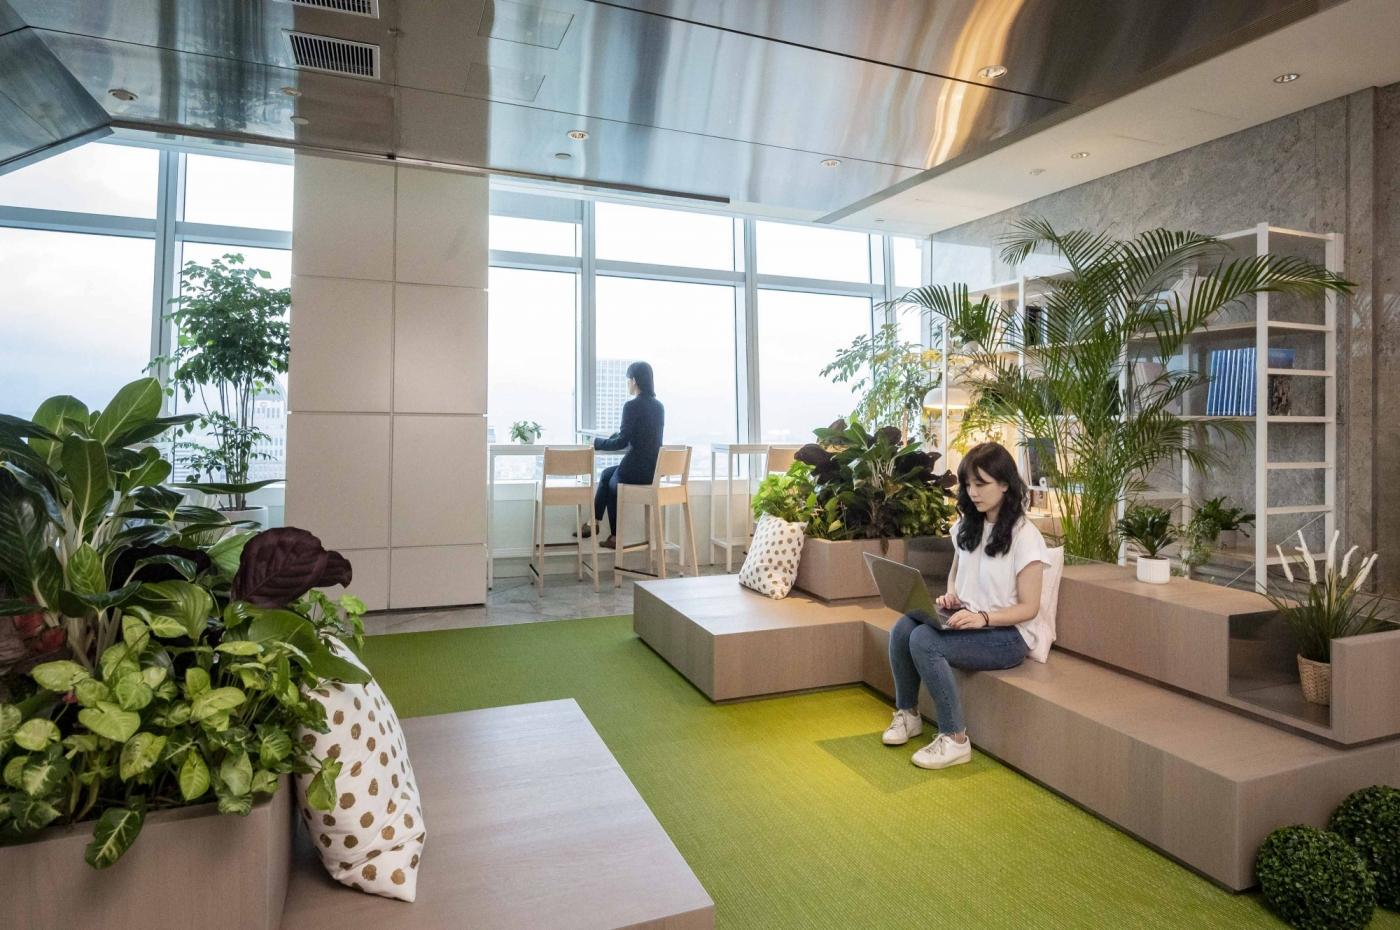 IKEA家具租賃服務101首發!在台成立翻修中心,推「以租代買」的策略是什麼?